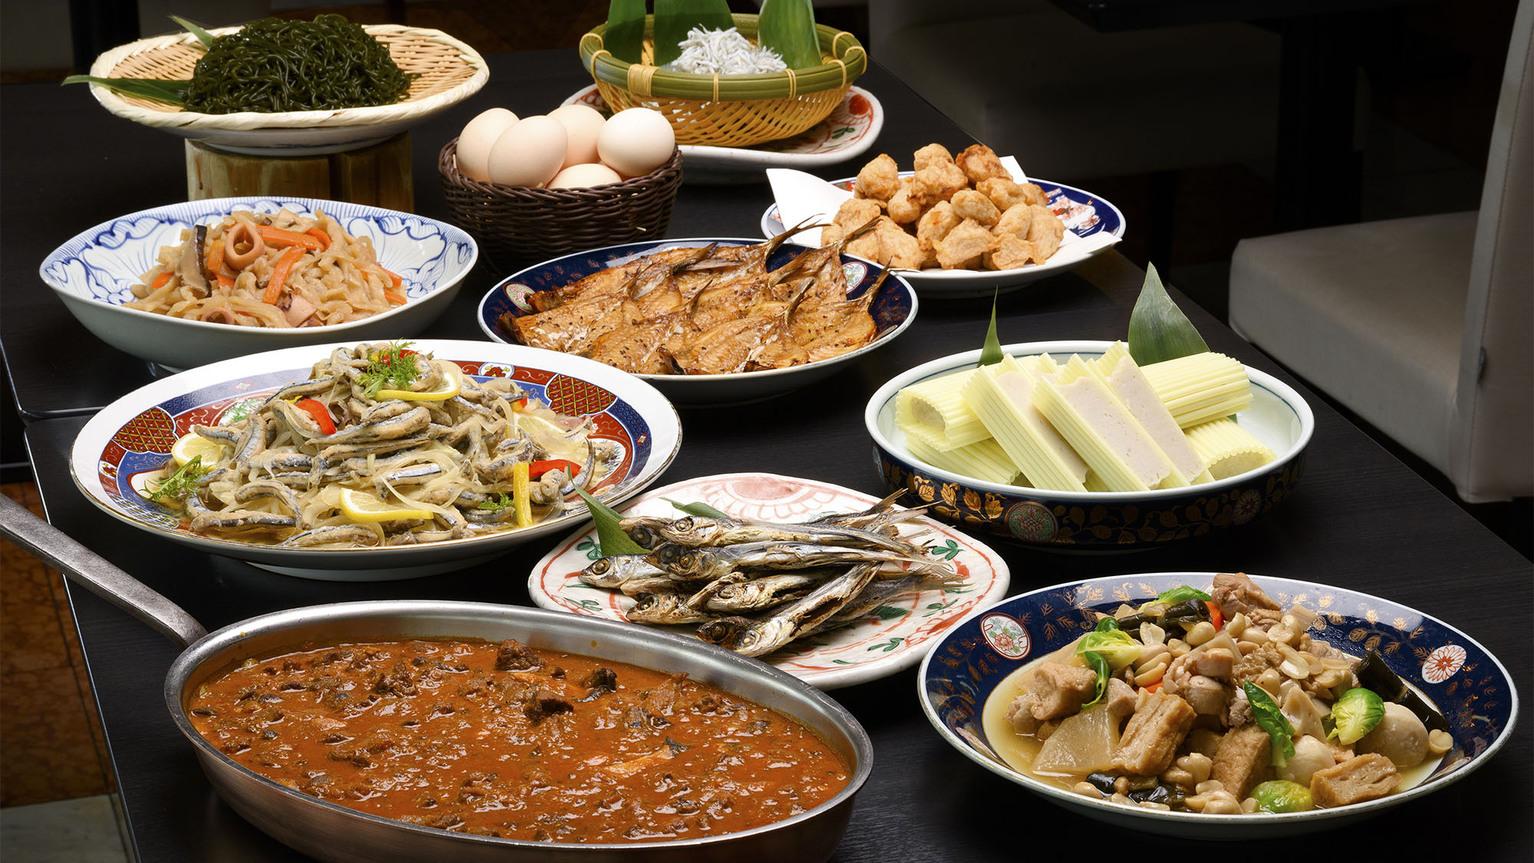 【朝食】長崎ならではの旬の食材や豊かな海産物など、長崎を満喫できるコーナーもご用意しております